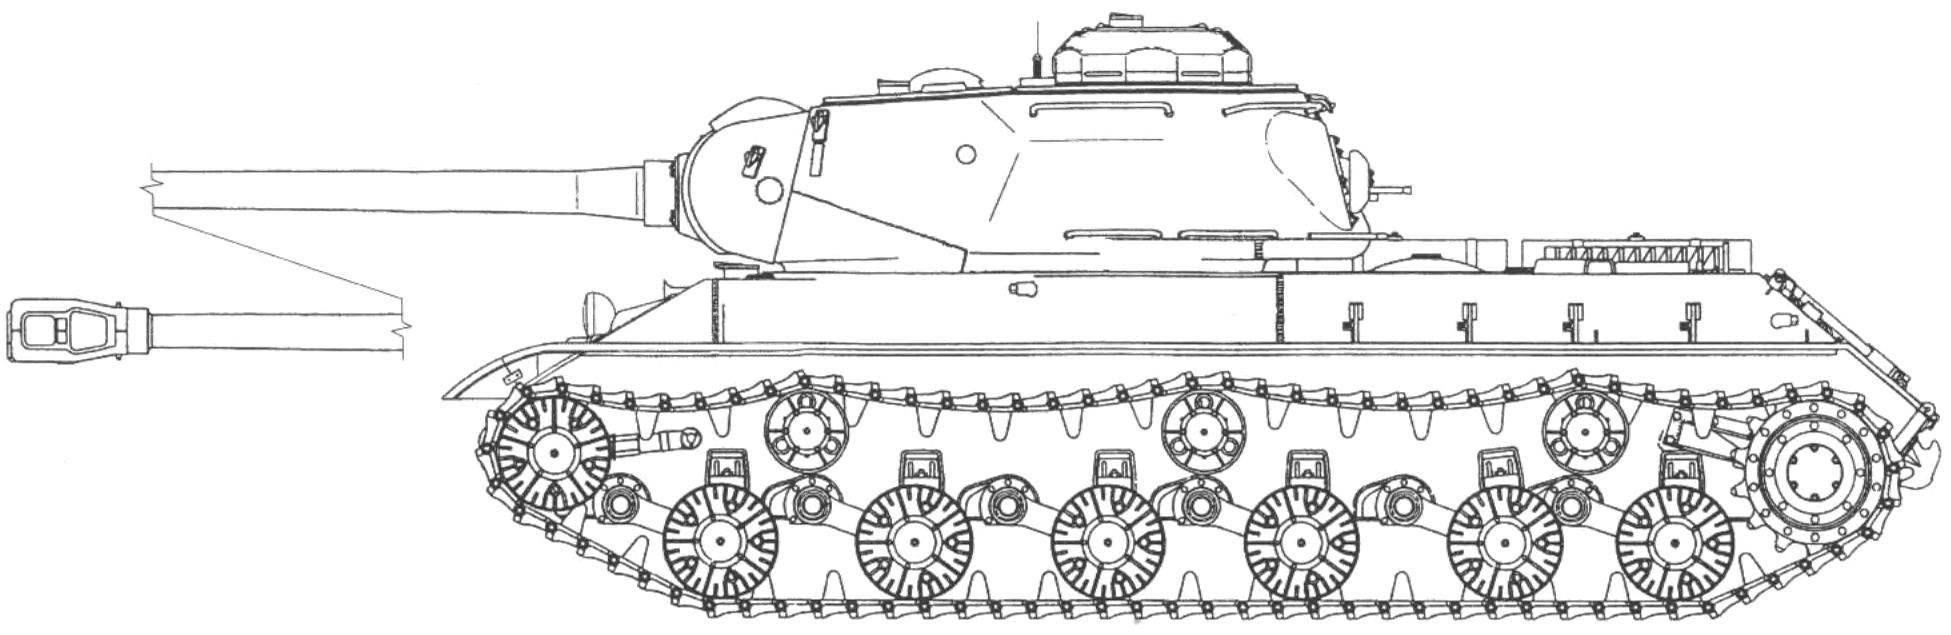 Тяжелый танк ИС-2 выпуска 1944— 1945 гг.